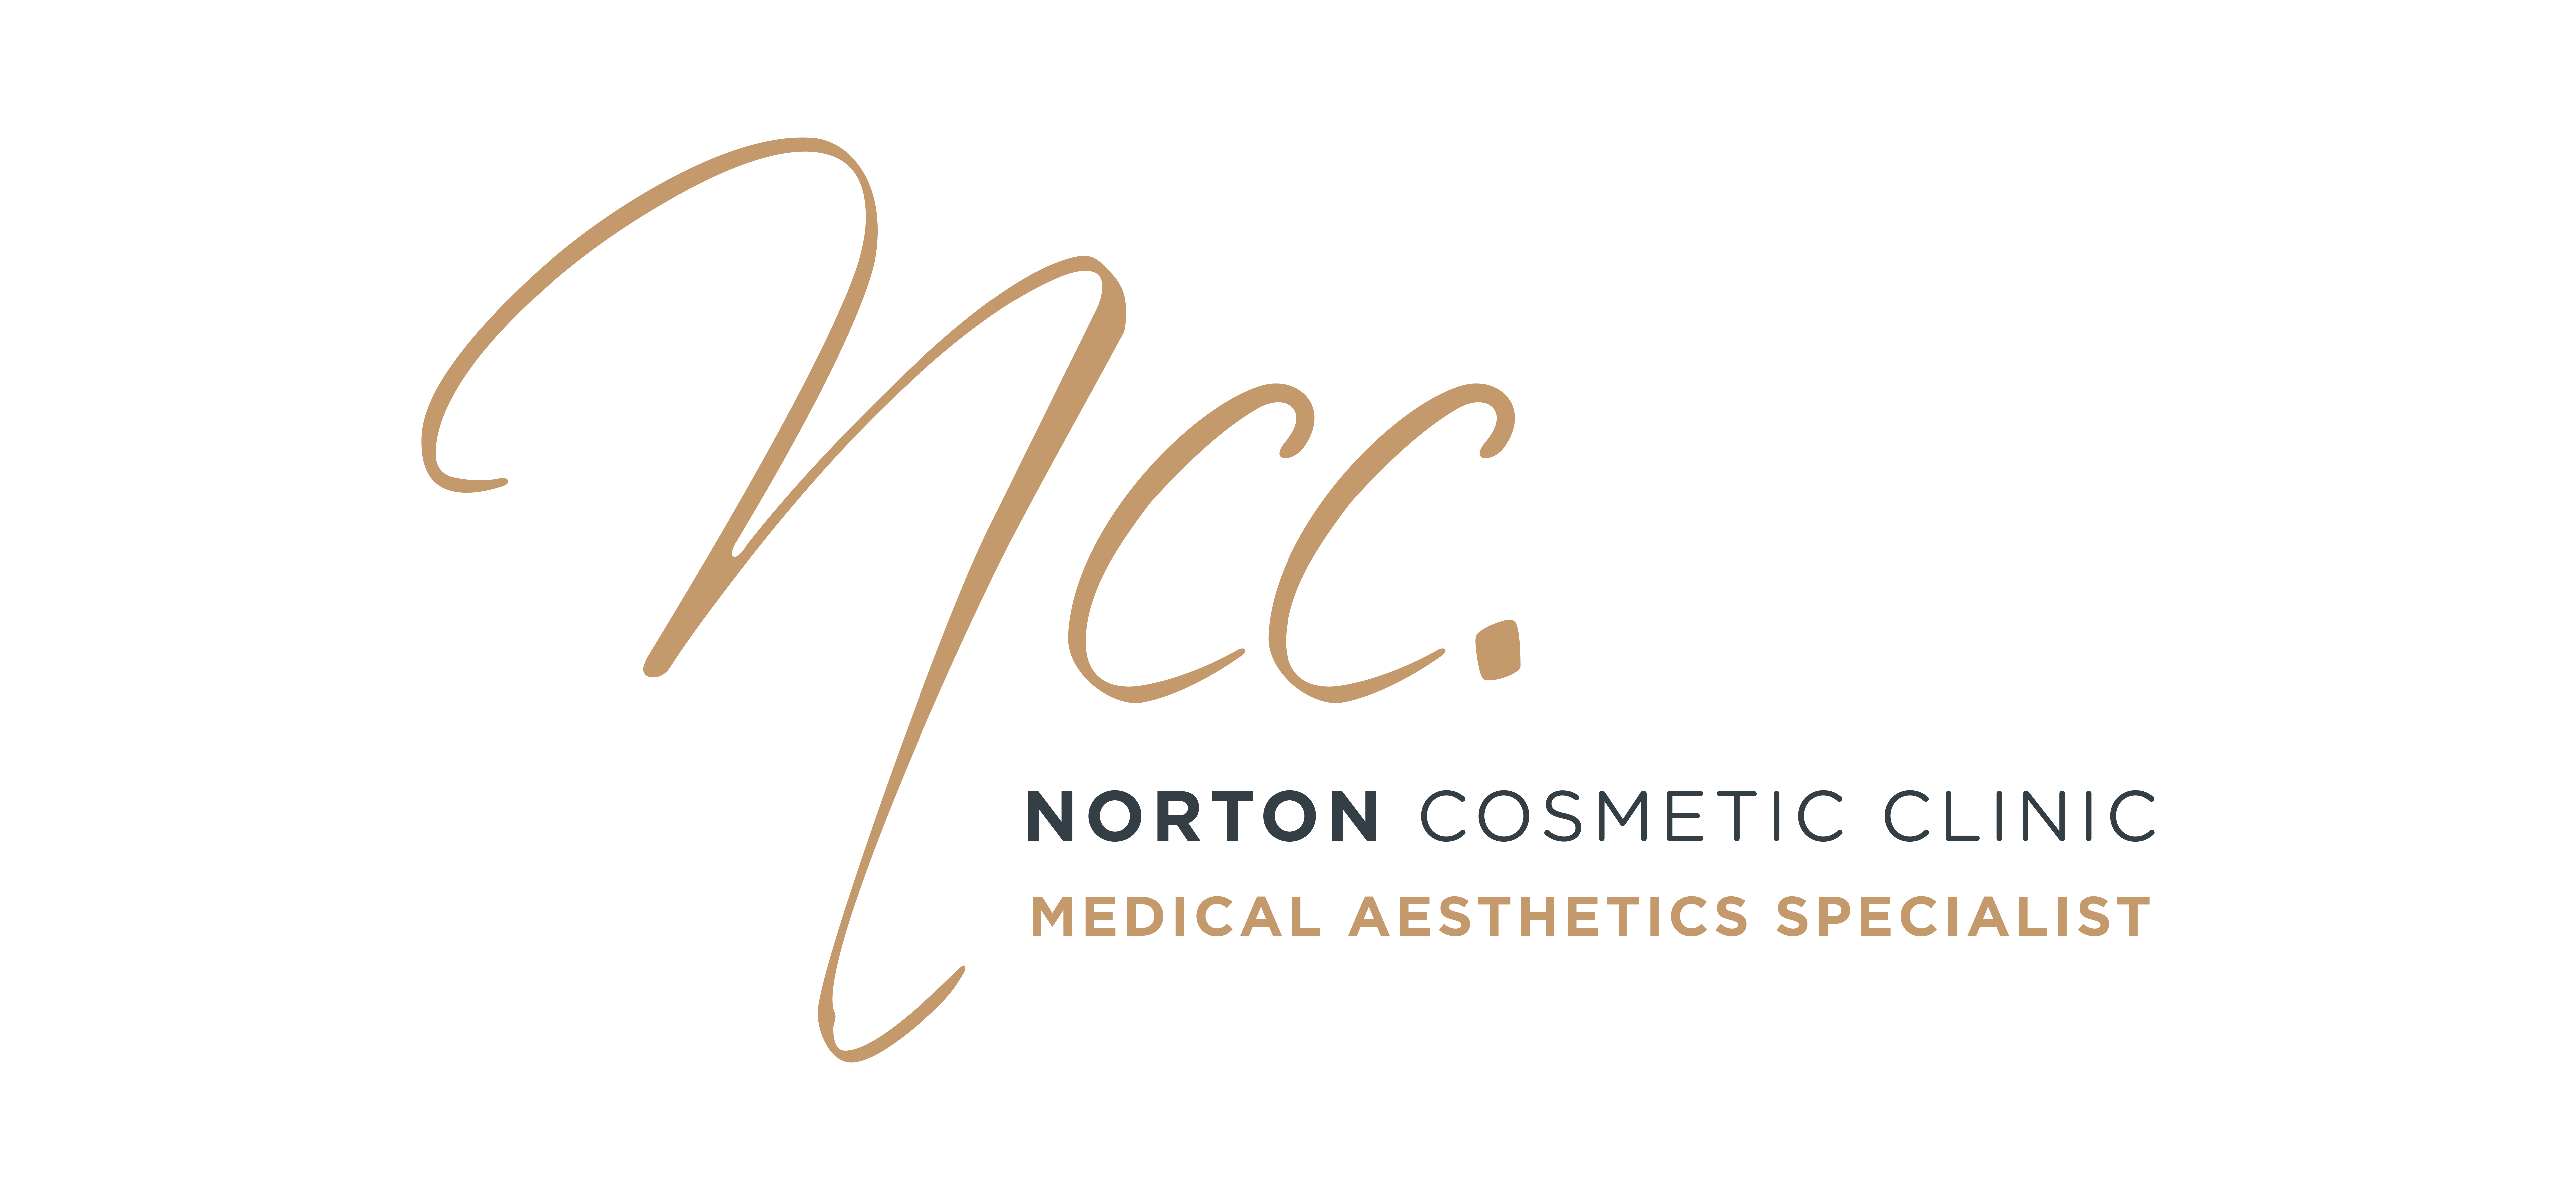 Norton Cosmetic Clinic